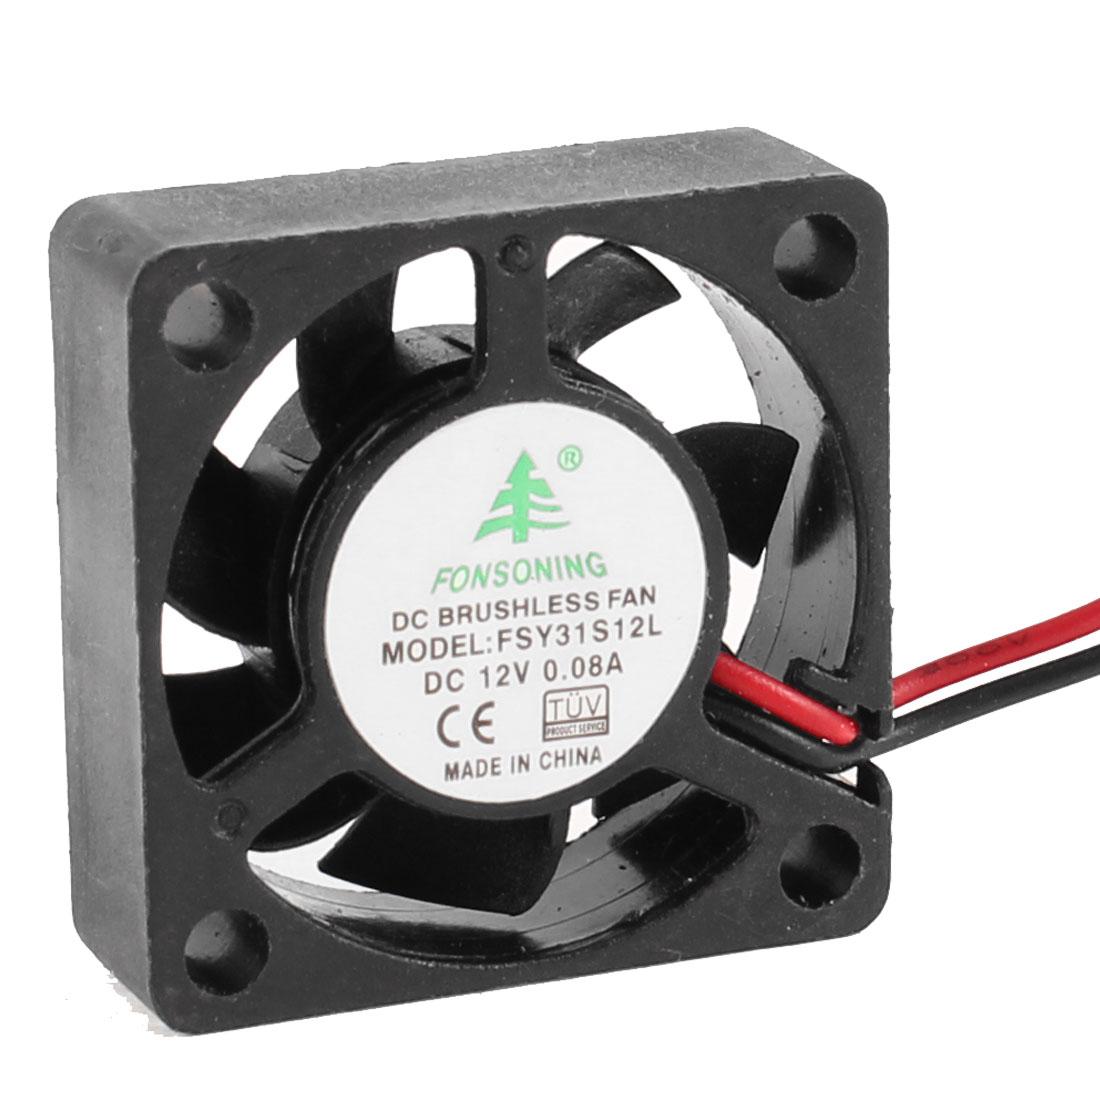 30mm x 30mm x 10mm 2 Terminal DC 12V Sleeve Bearing 6000RPM Cooling Fan Black